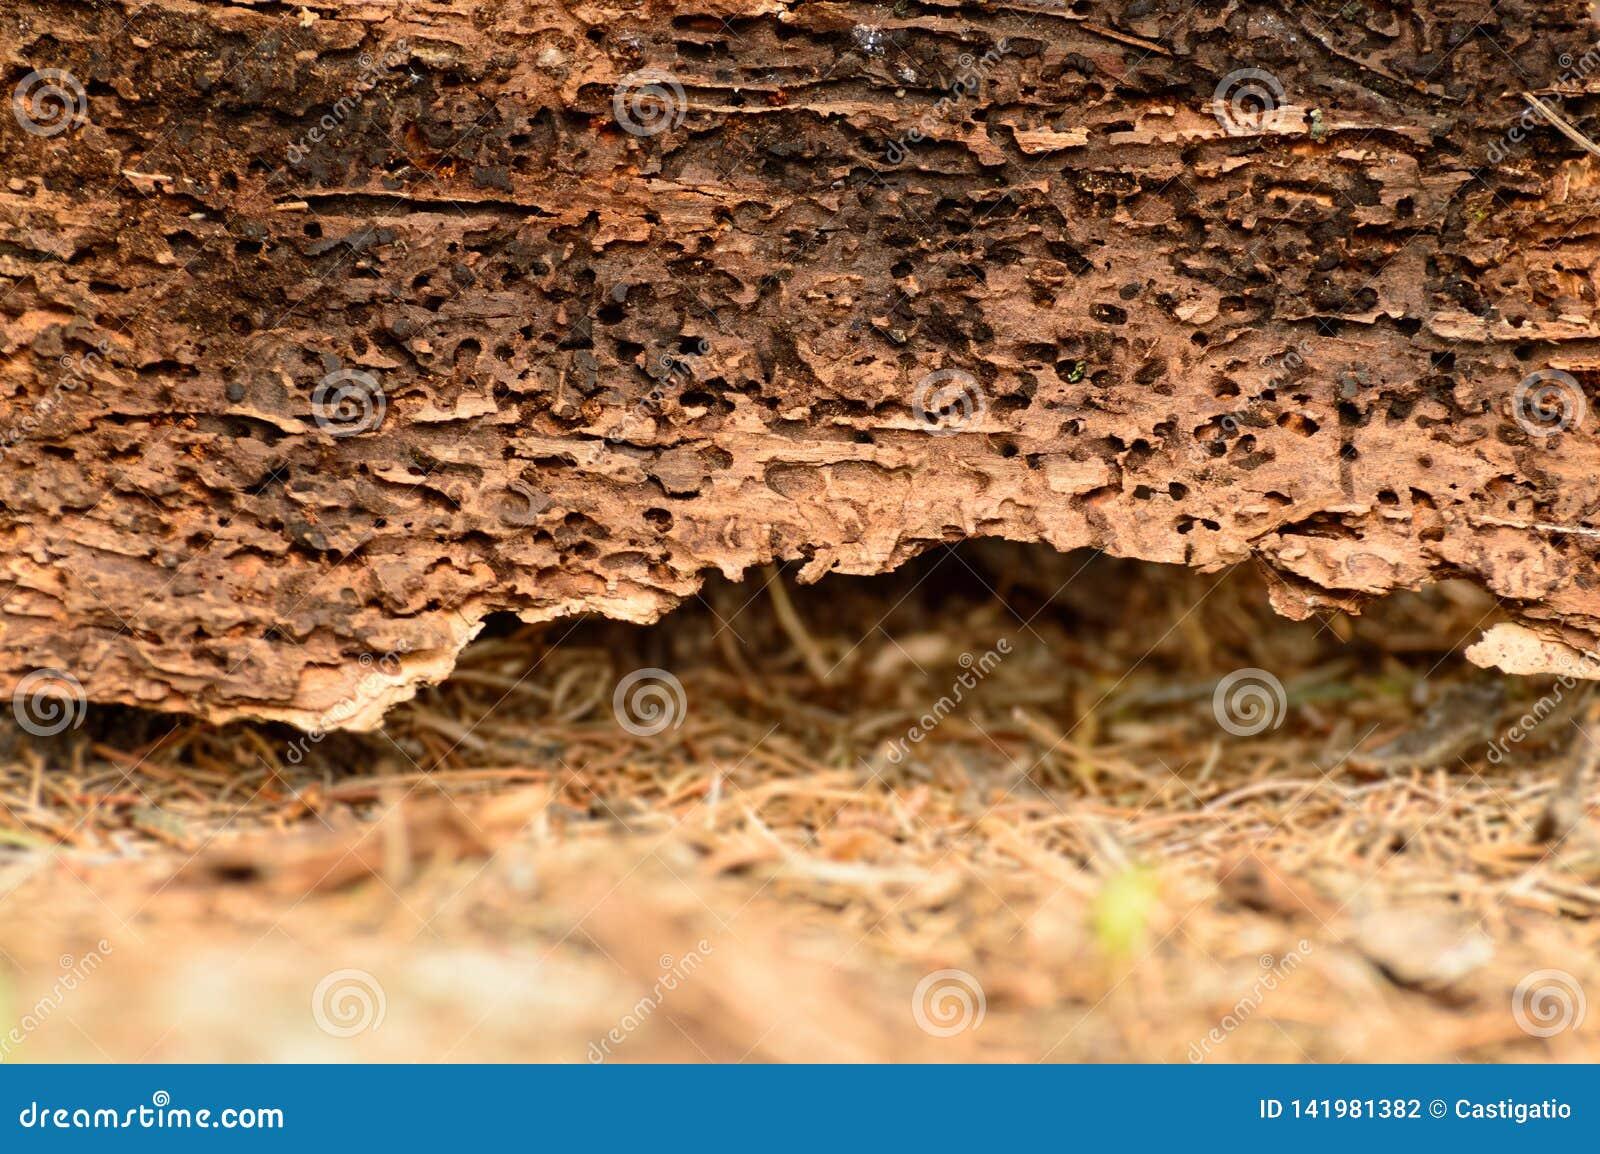 Κοιλαμένοι διάδρομοι μέσω των woodworms στον αποσυντεθειμένο ξύλινο φλοιό